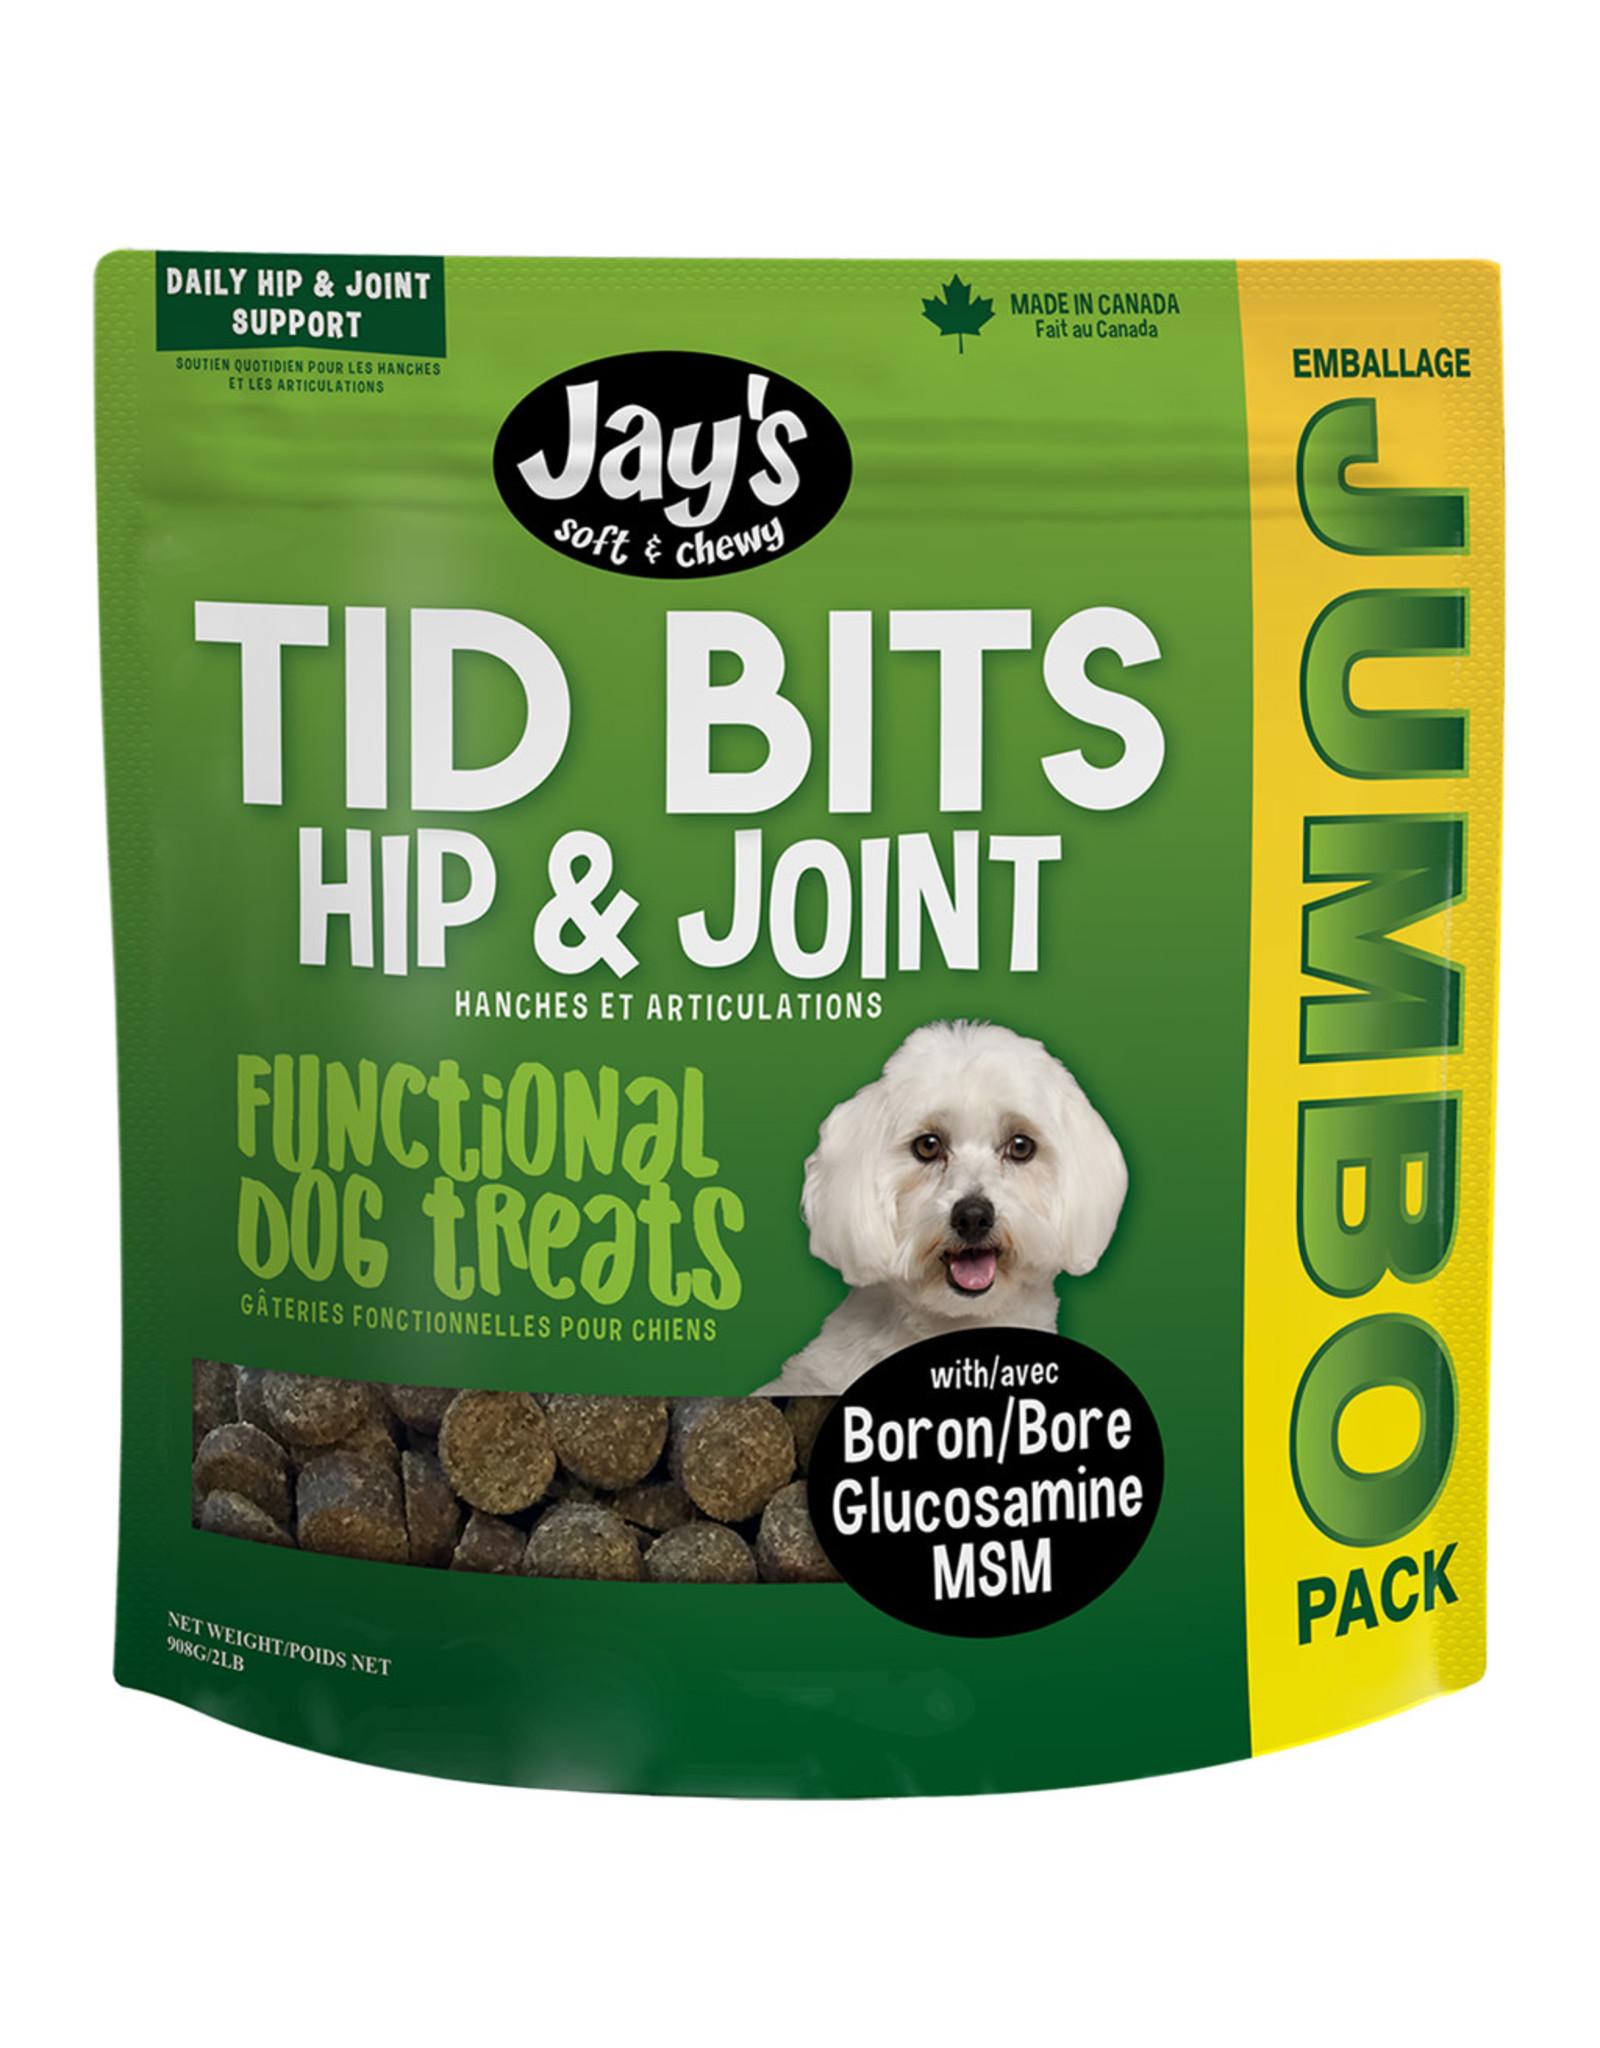 Jay's Jay's Tid Bits Hip & Joint Treats